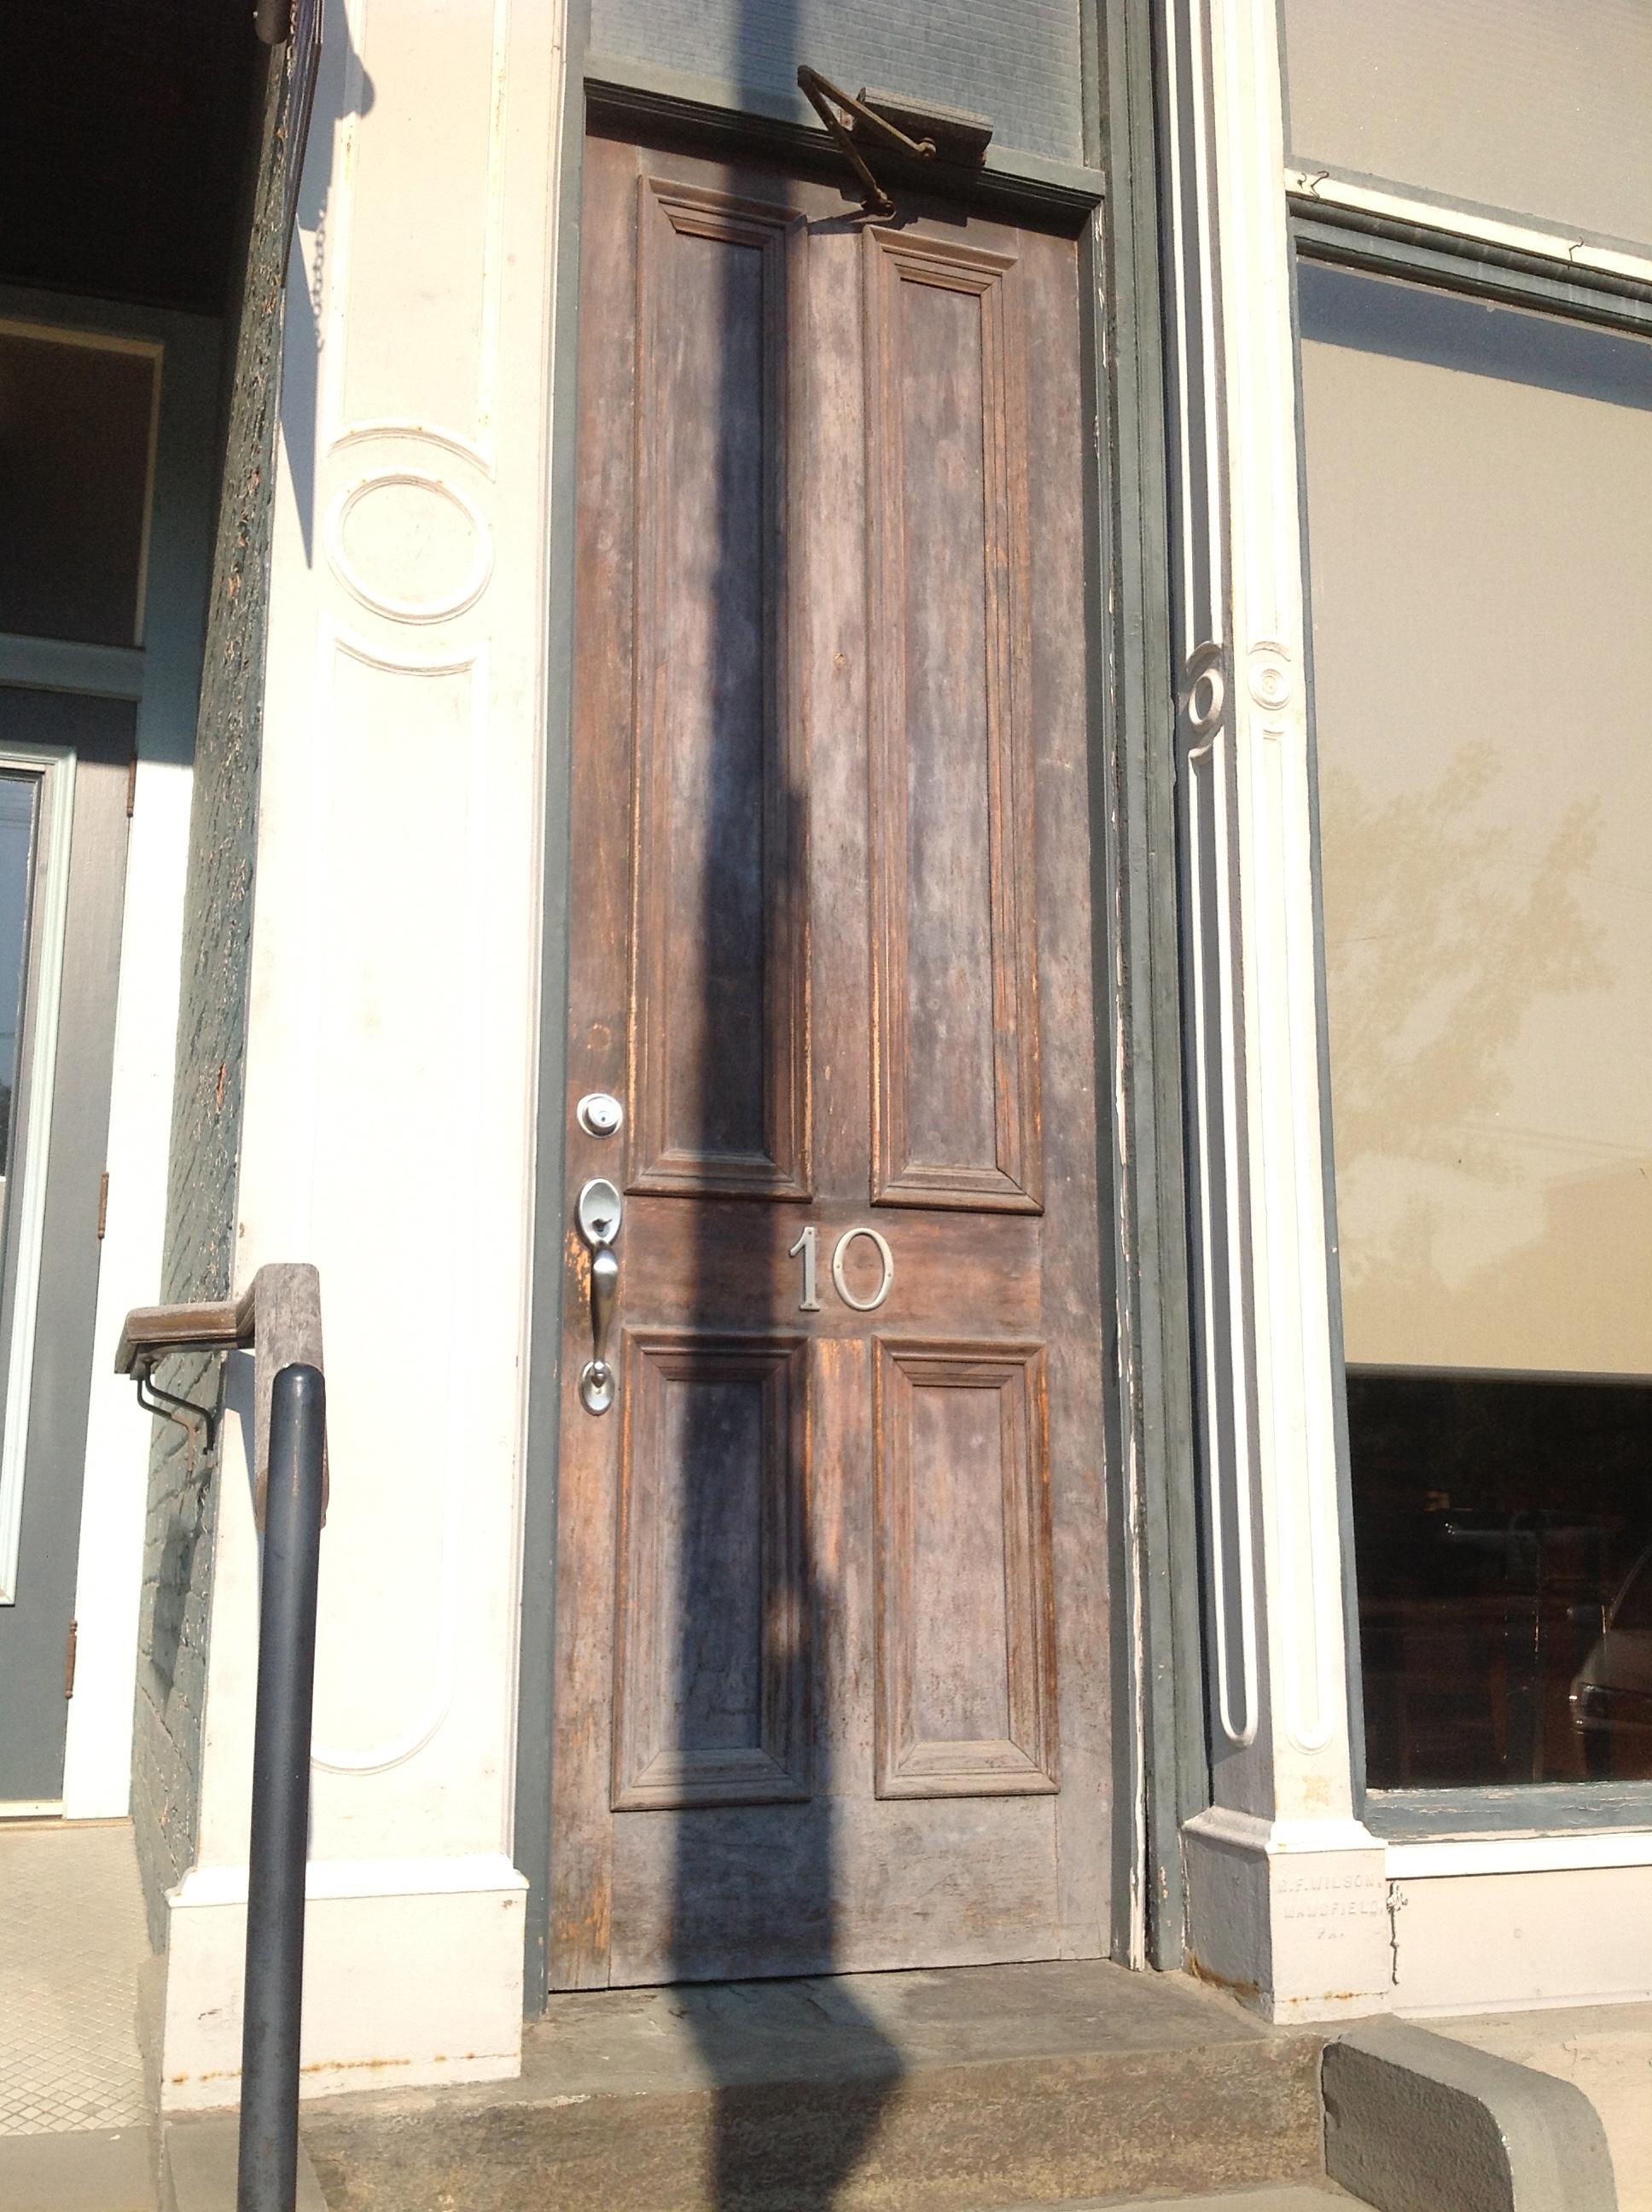 Go in this door.